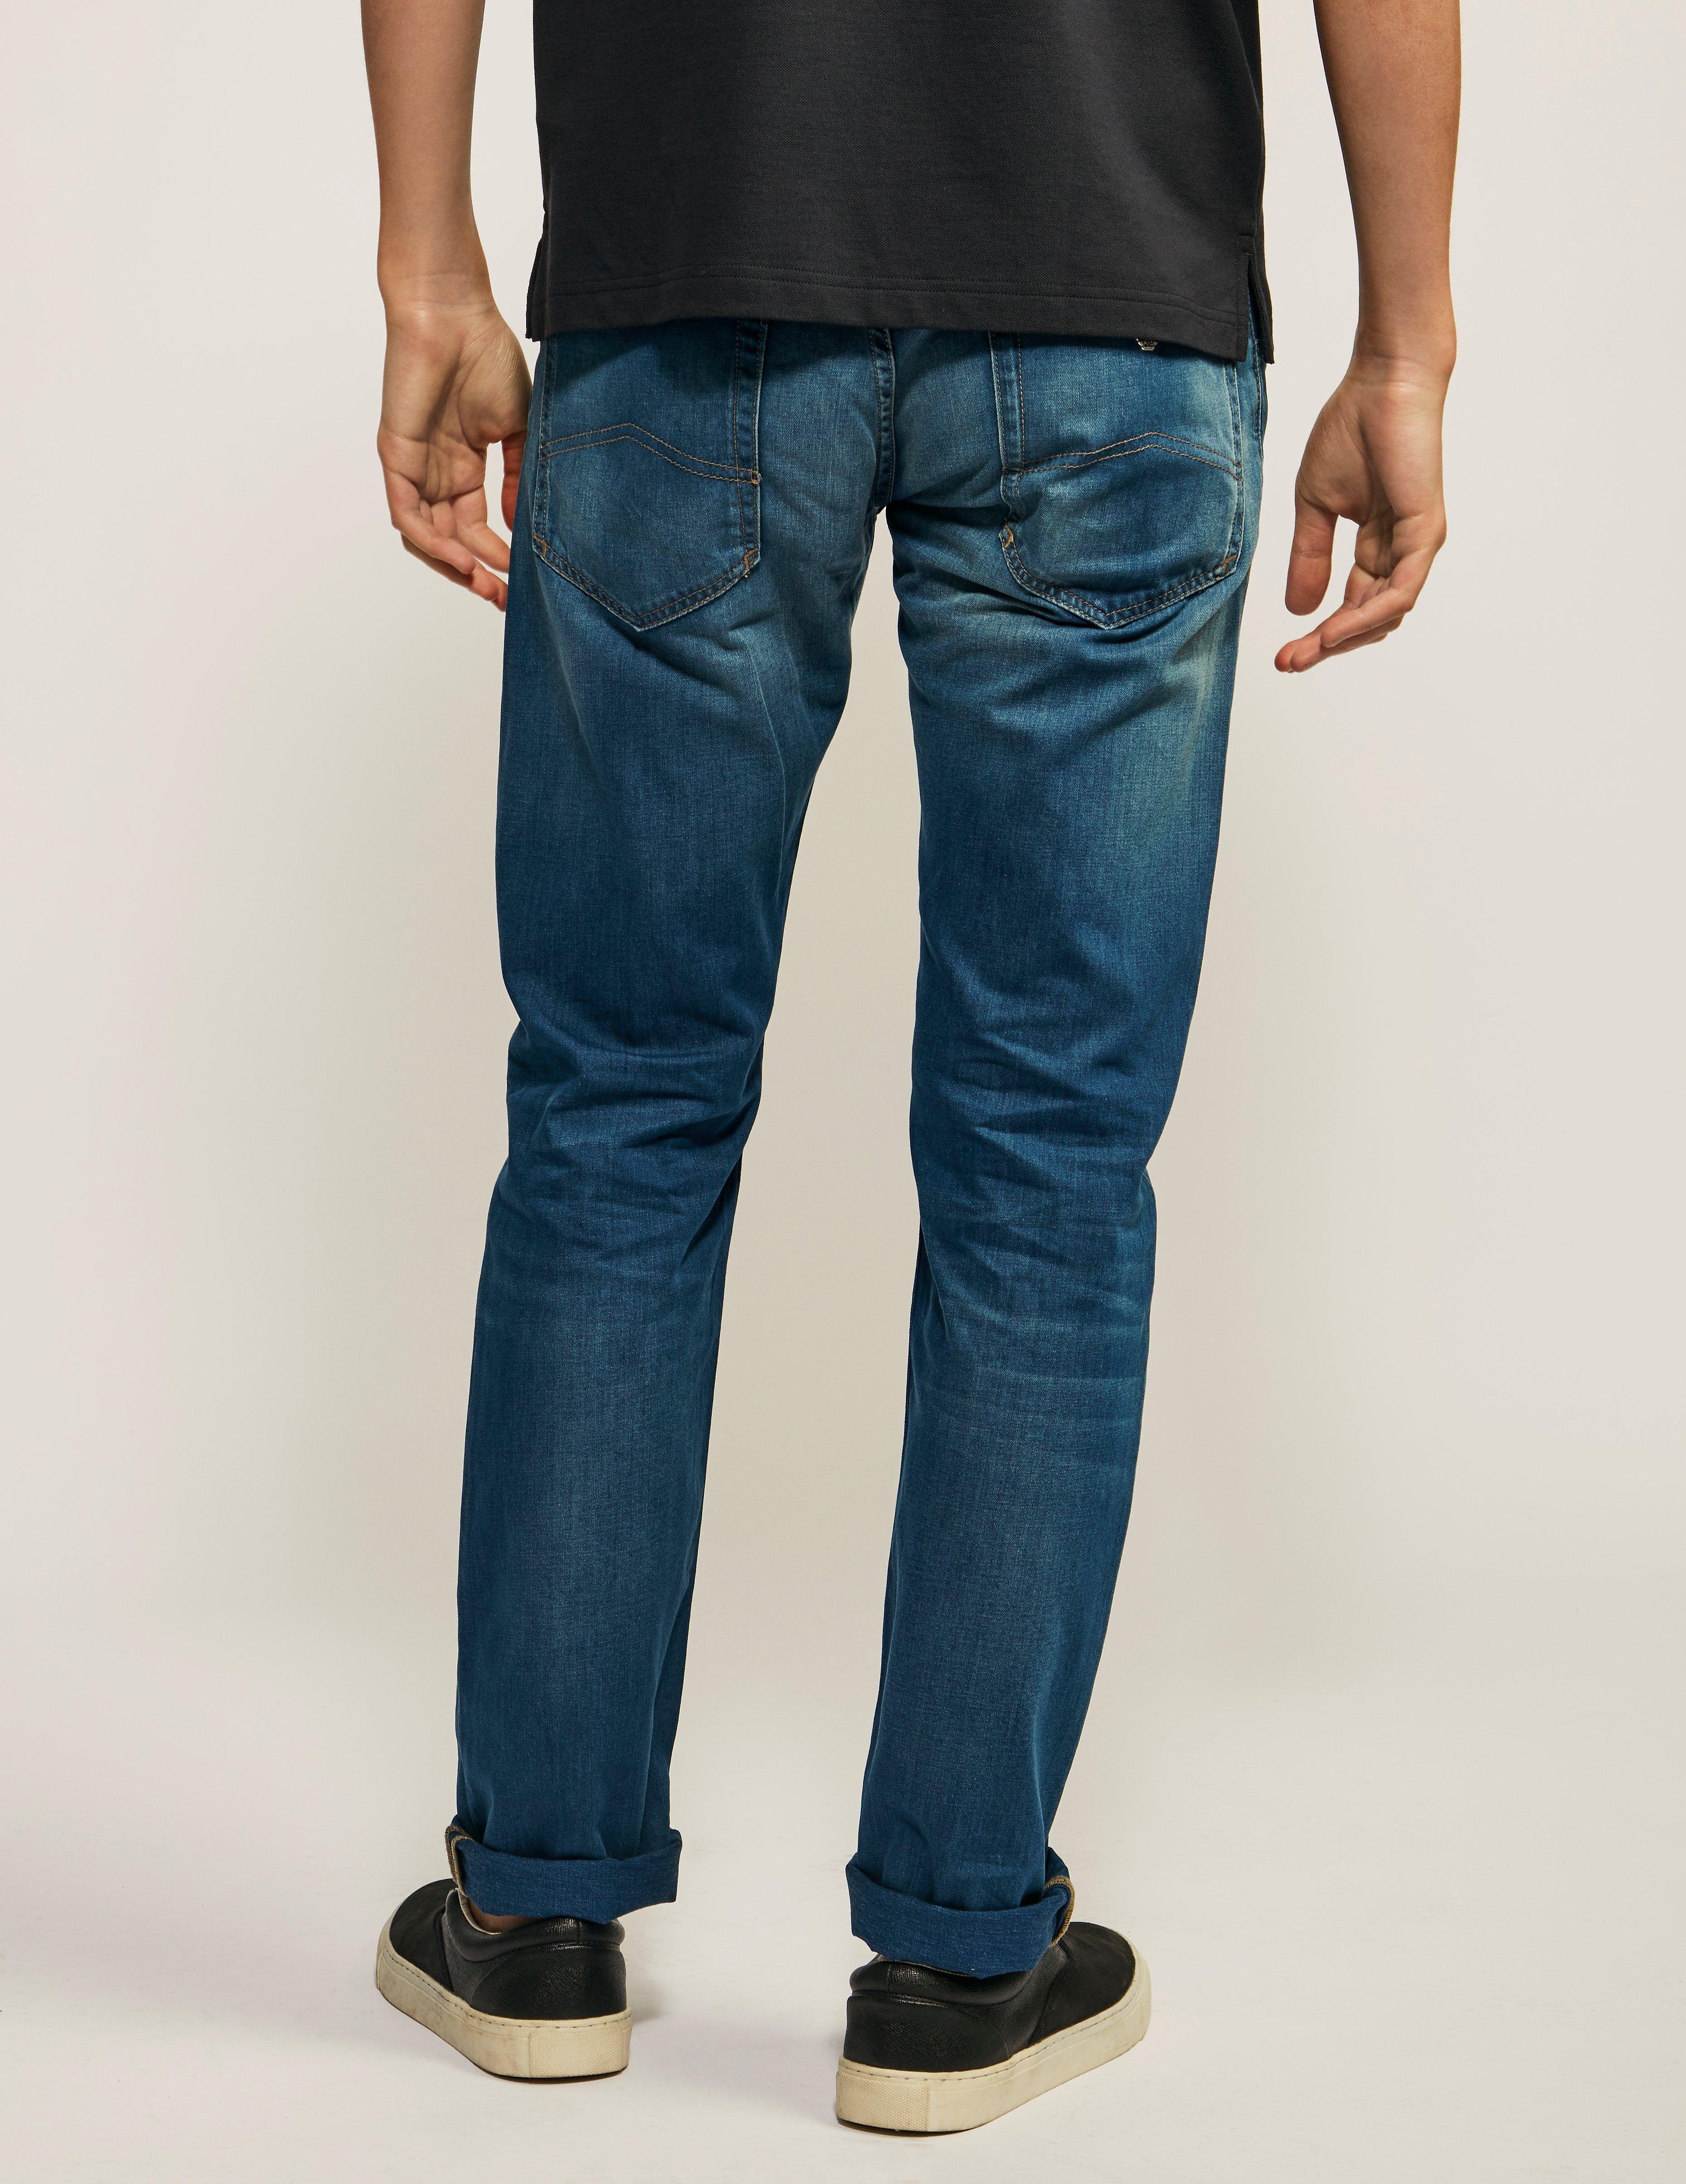 Armani Jeans J23 Lightweight Slim Fit Jeans